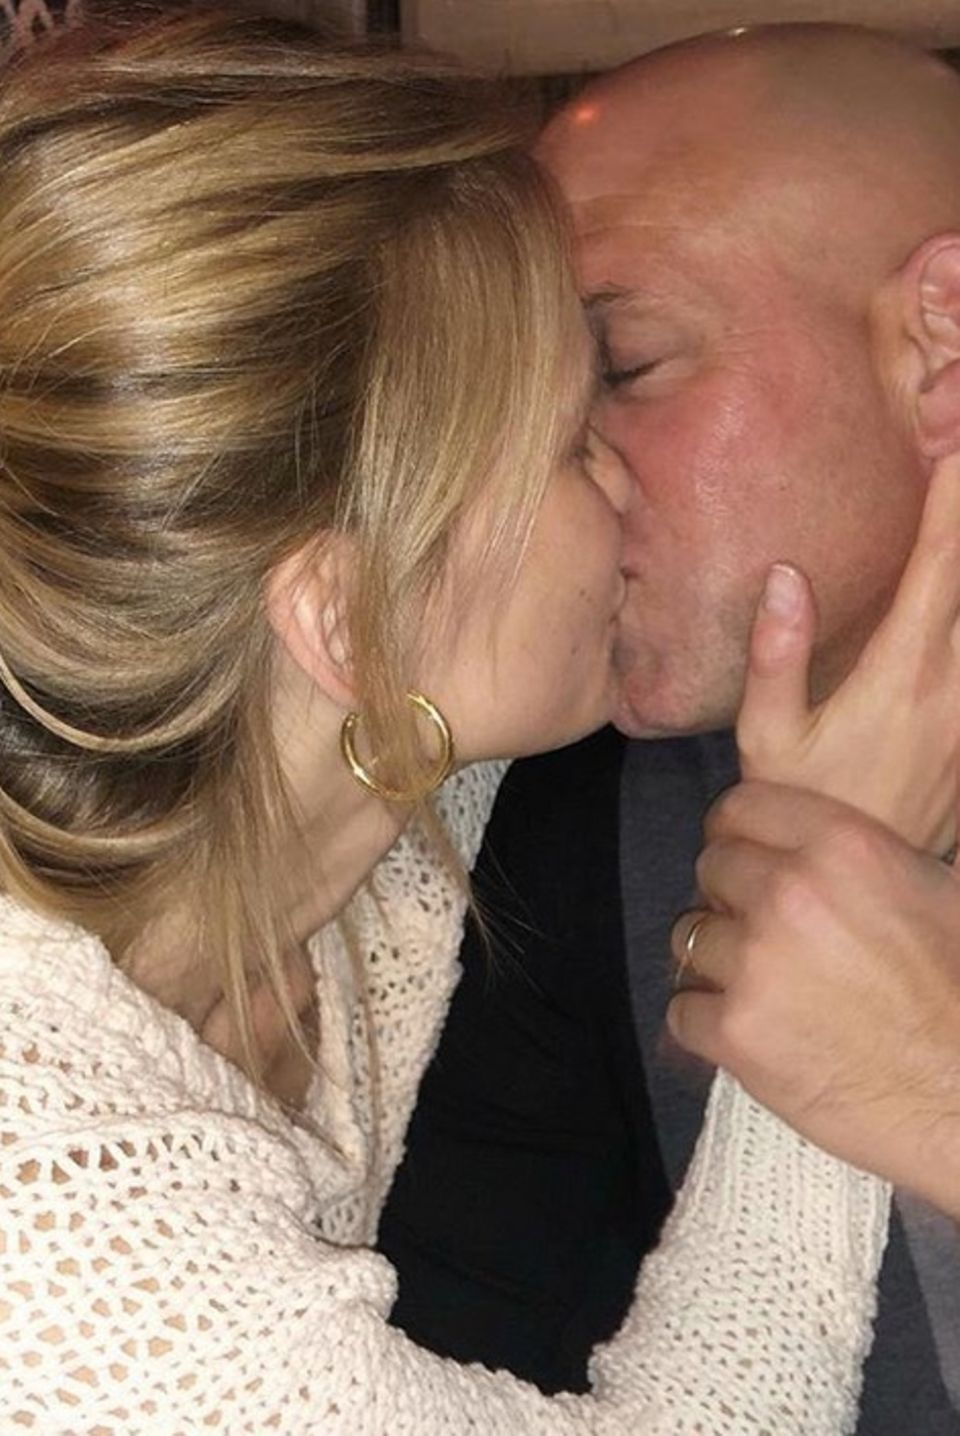 Das muss Liebe sein. Bar Refaeli postet dieses Foto anlässlich des Valentinstages. Mit ihrem Mann Adi Ezra ist das schöne Model seit 2015 verheiratet.